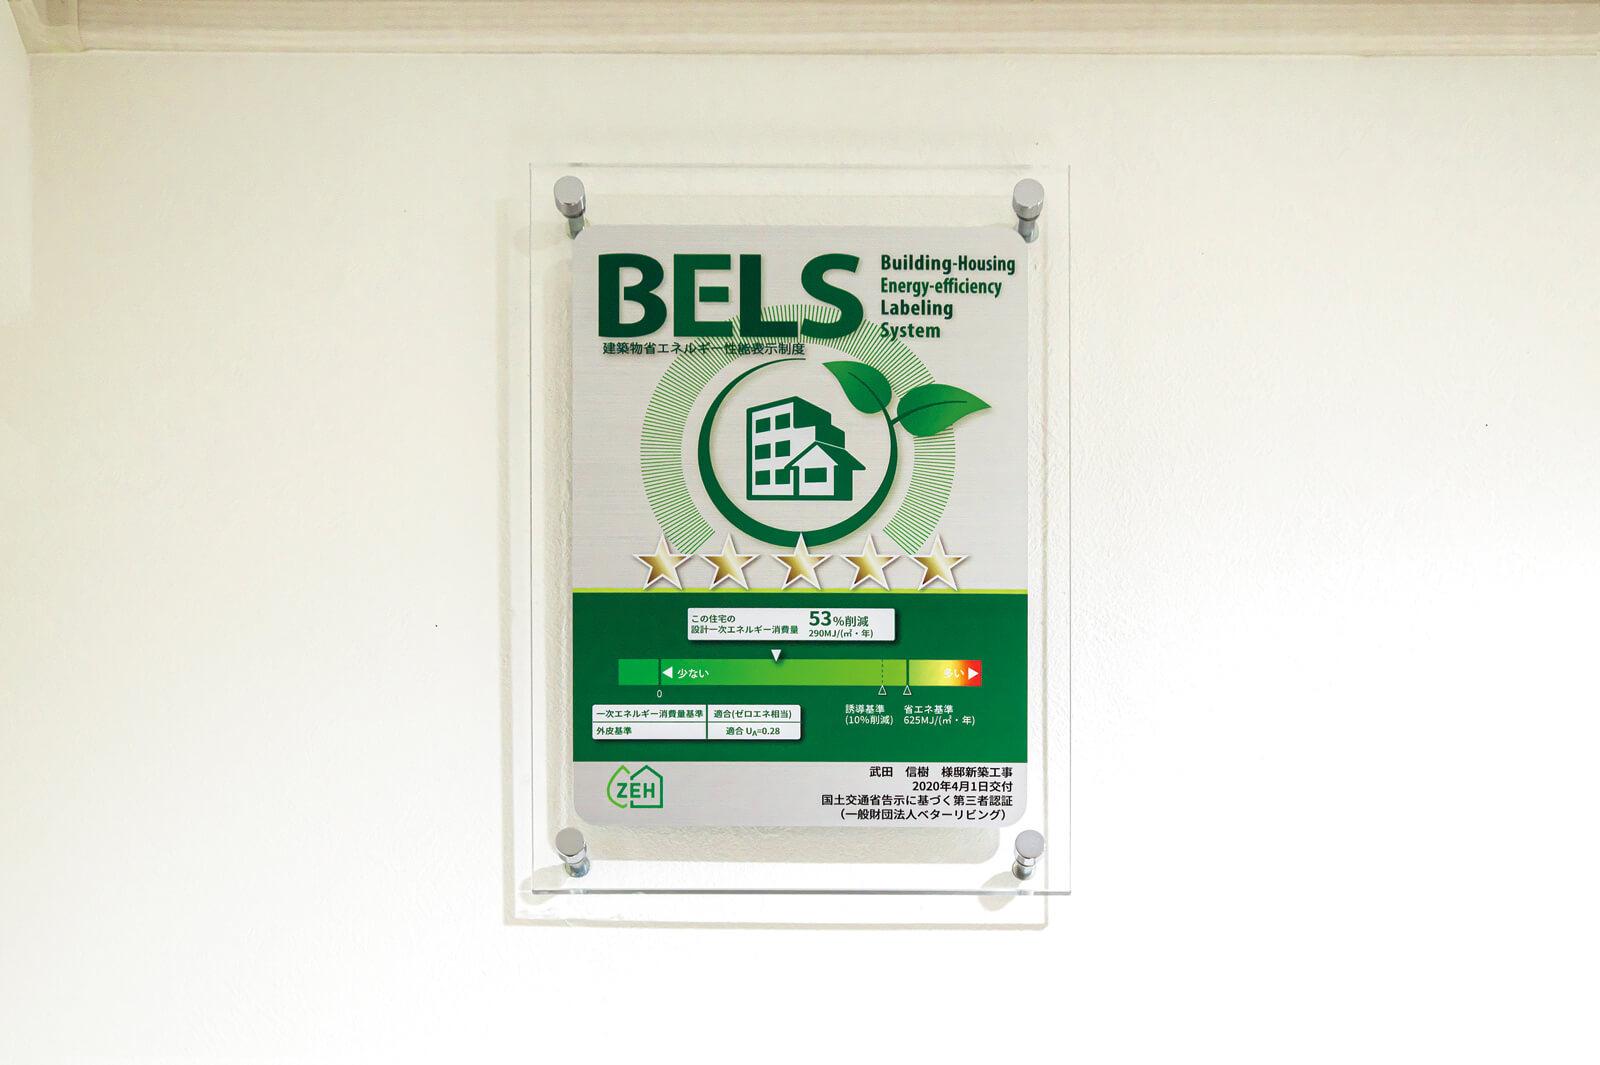 住宅の省エネ性能を5段階で評価するBELSで、最高ランクの5つ星を獲得した証